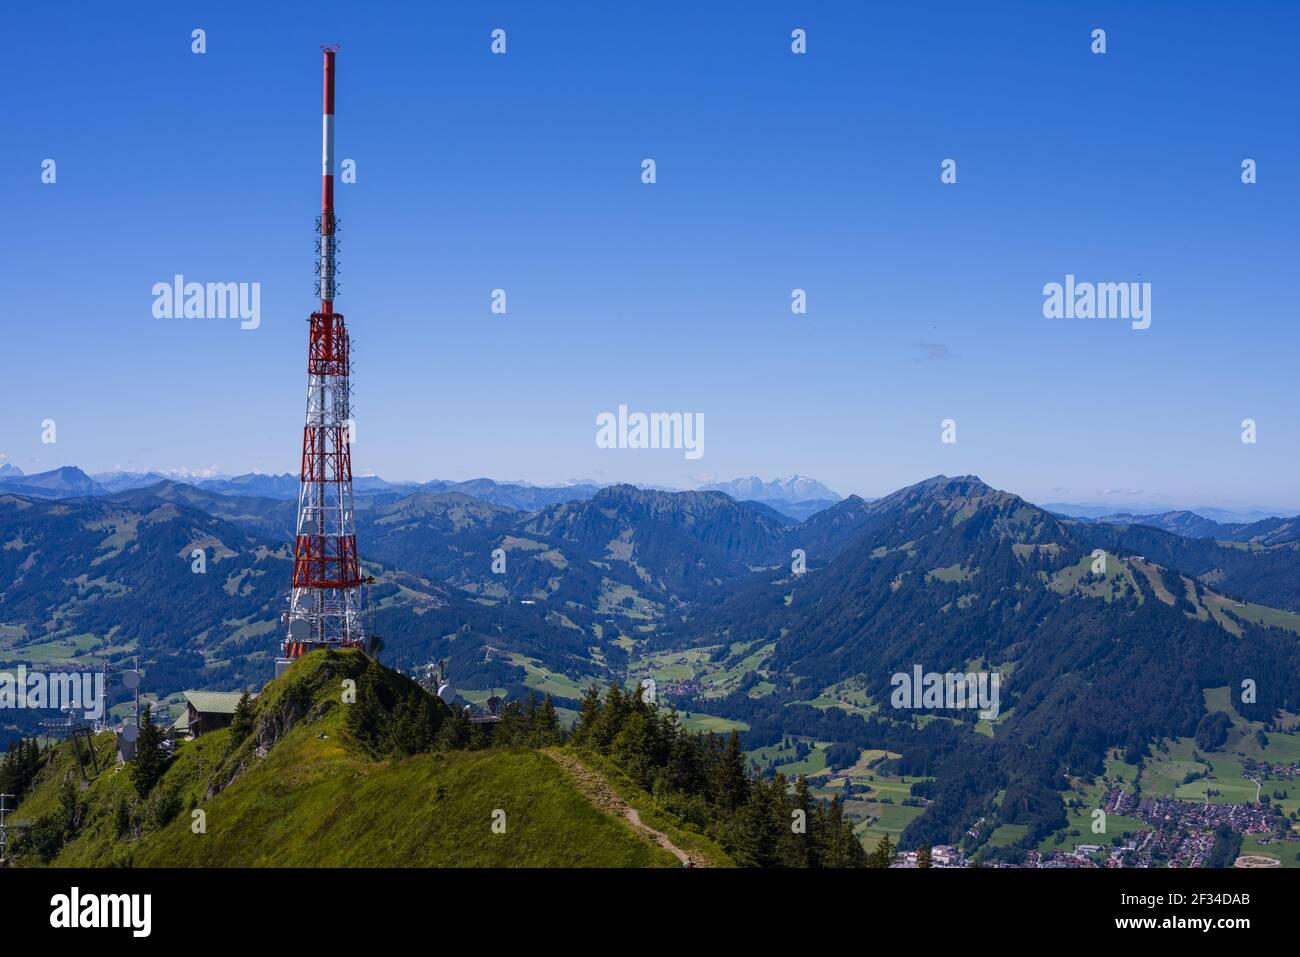 Geografia / viaggio, Germania, Baviera, torre di trasmissione della trasmissione bavarese, Gruenten, 1738m, Iller Valley, Alpi Allgaeu, , libertà di panorama Foto Stock